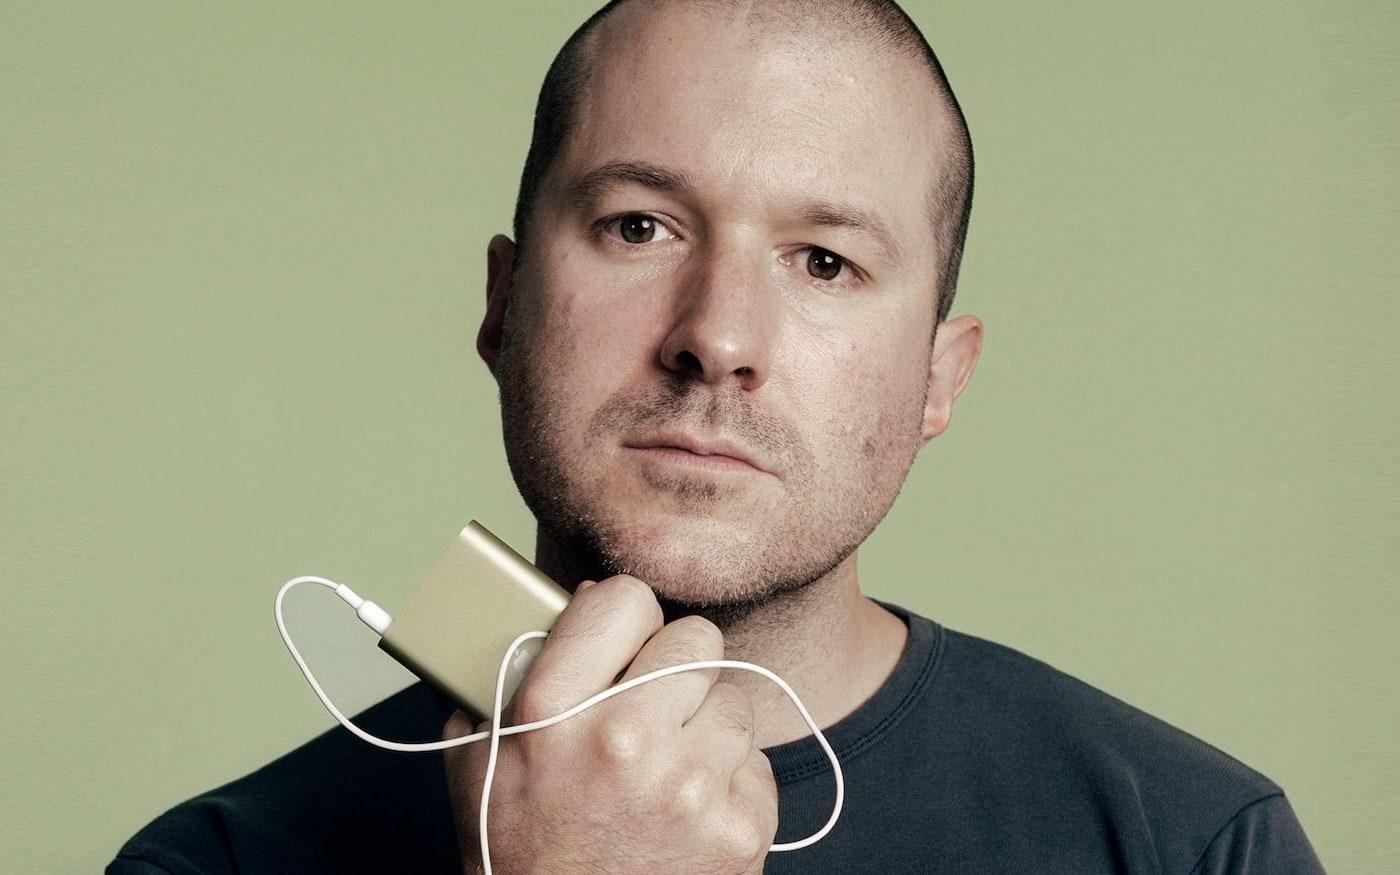 Chefe de design da Apple, Jonathan Ive anuncia saída após 30 anos